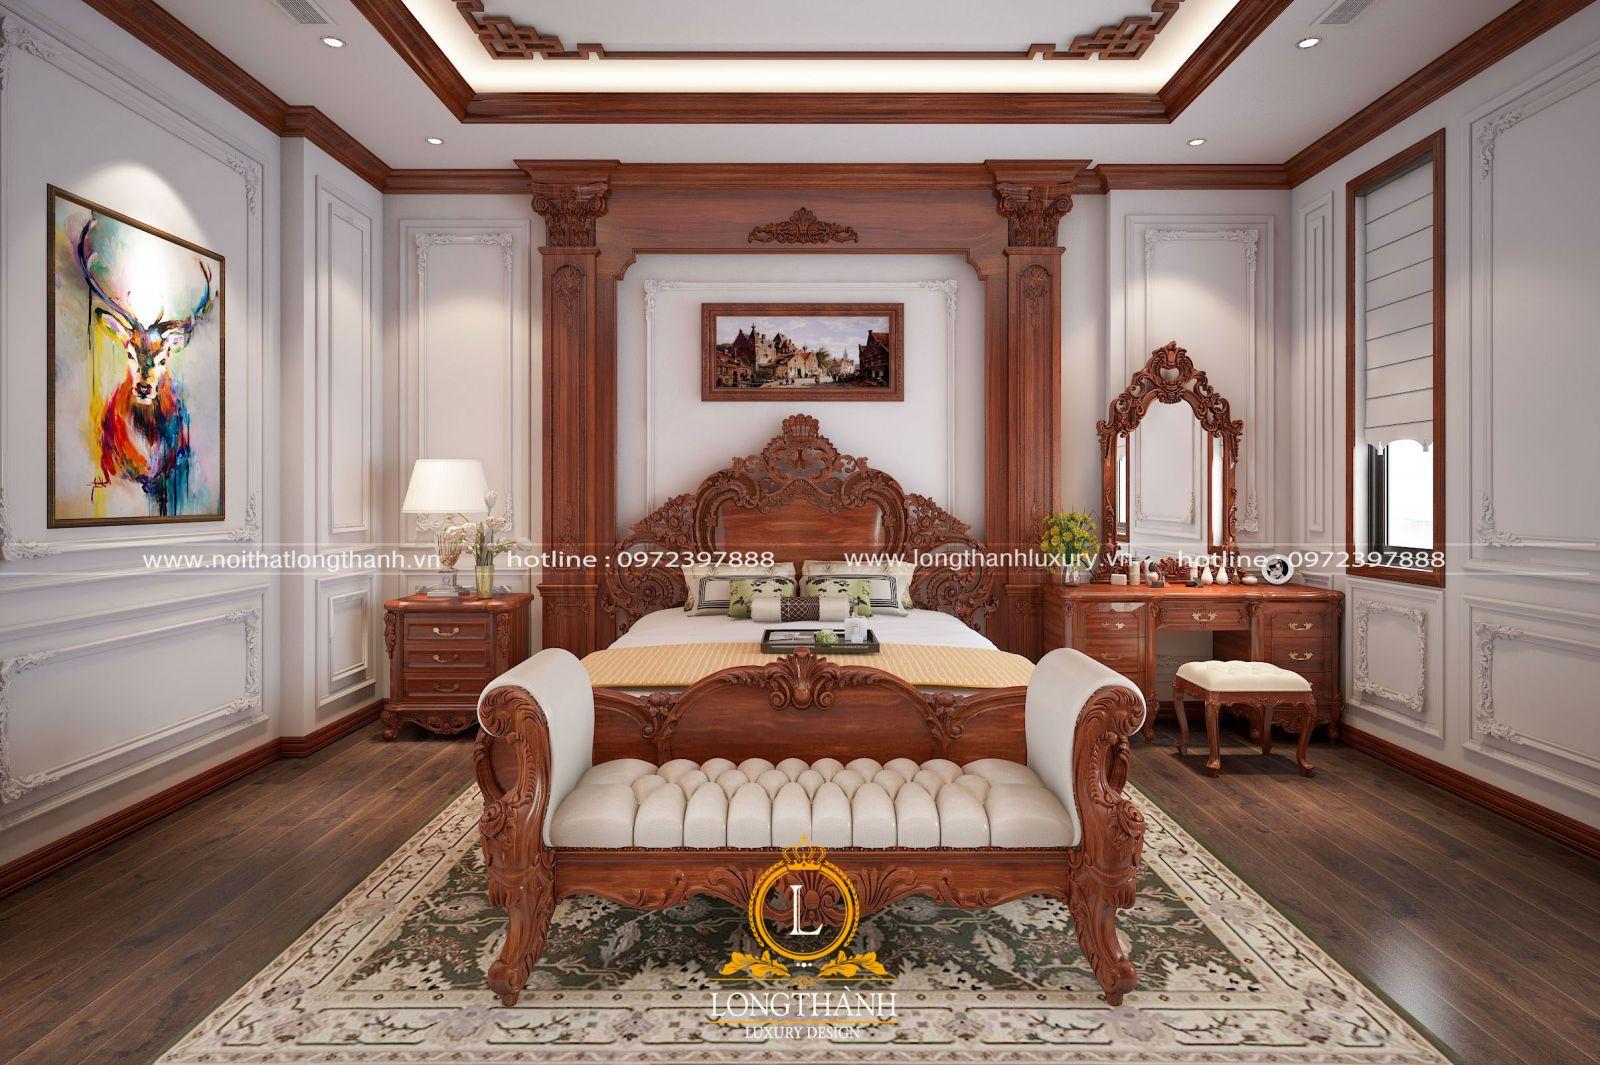 Nội thất phòng ngủ tân cổ điển mang lại cảm giác ấm cúng, lãng mạn